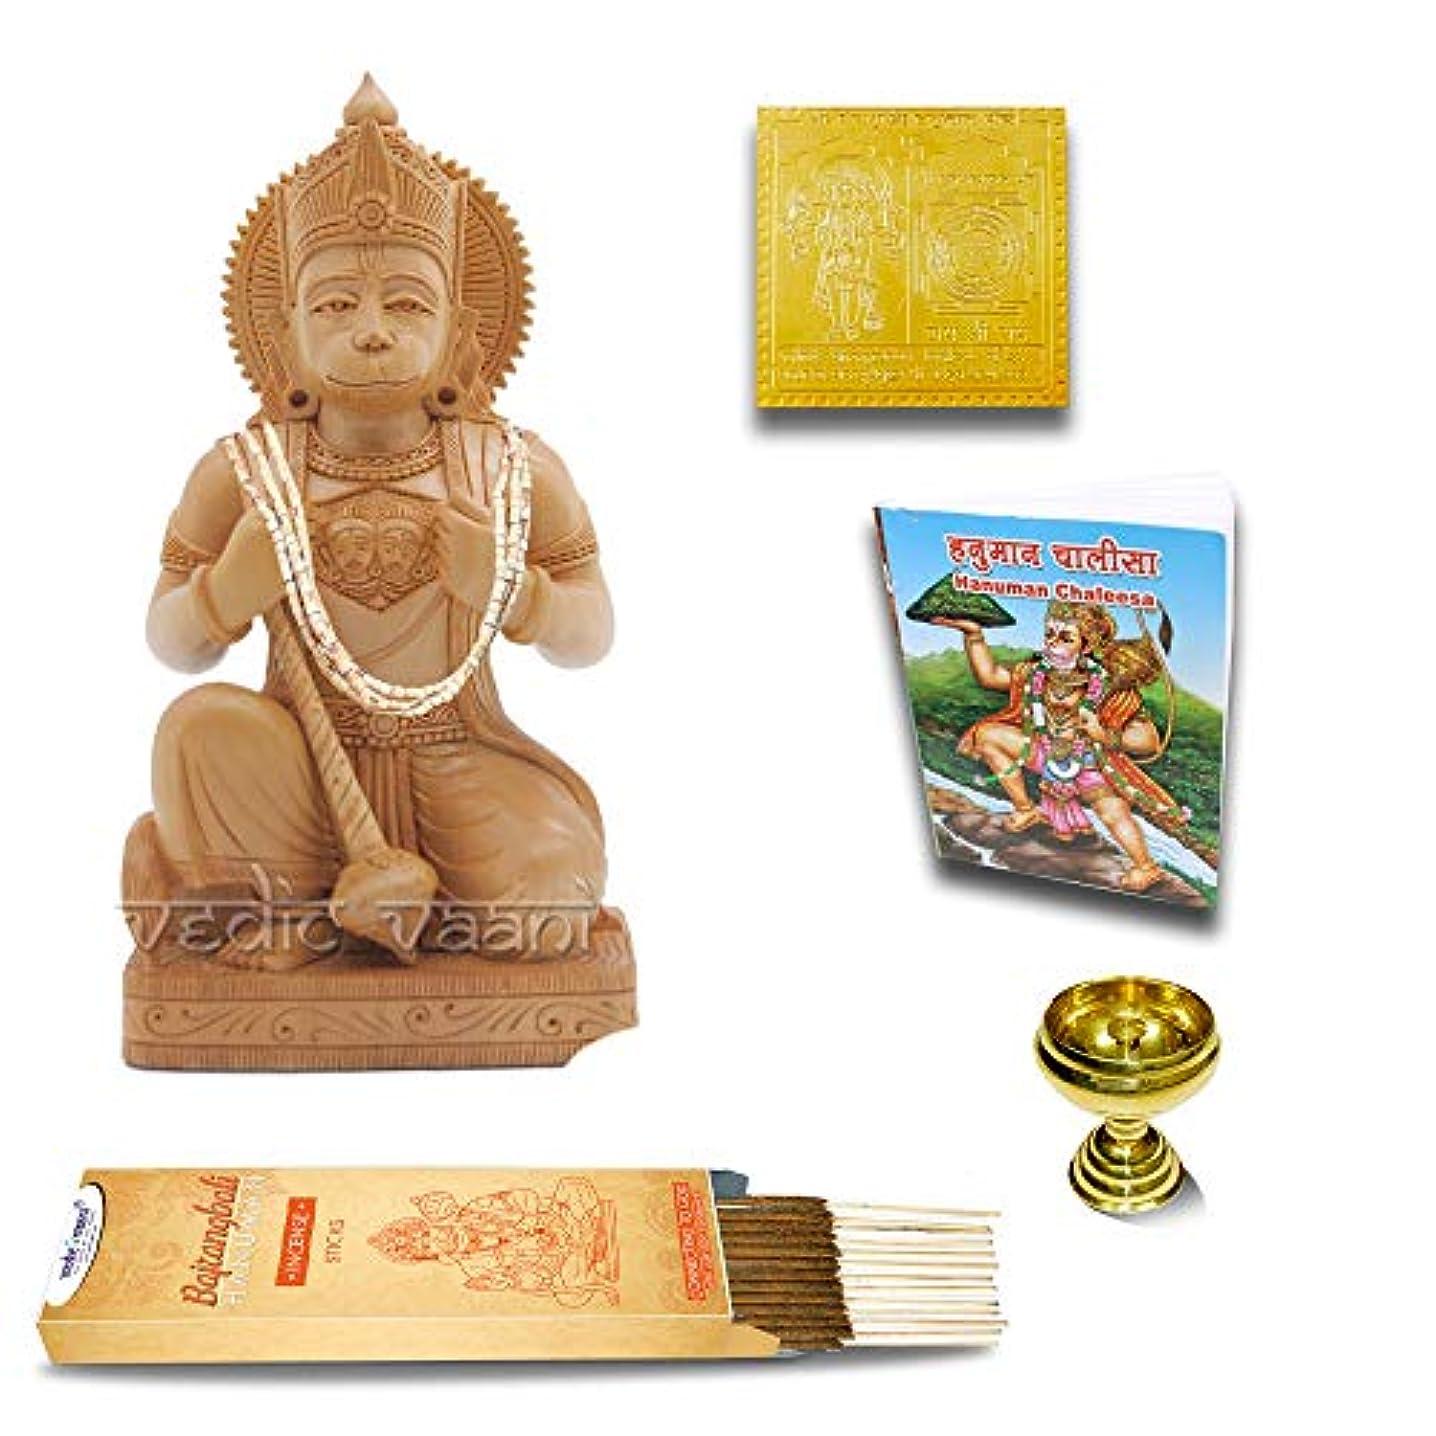 スリンク前に動的Vedic Vaani Ram Bhakat Hanuman 木製像 ヤントラ チャリサ ディヤ お香スティック付き 100gm